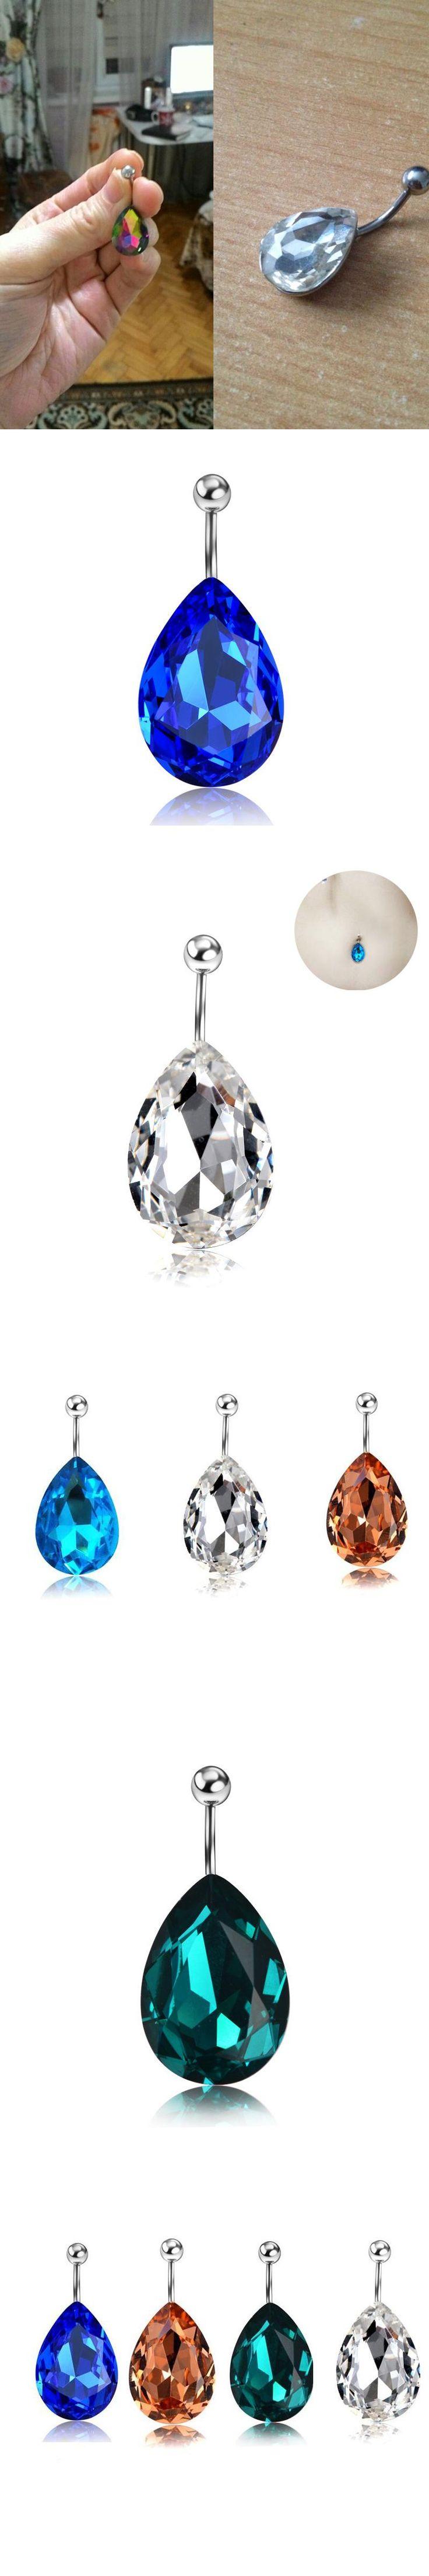 New Logo 16G Water Drop Zircon Navel Piercing Ombligo Earrings Belly Button Rings Body Jewelry Women Beach Accessorys